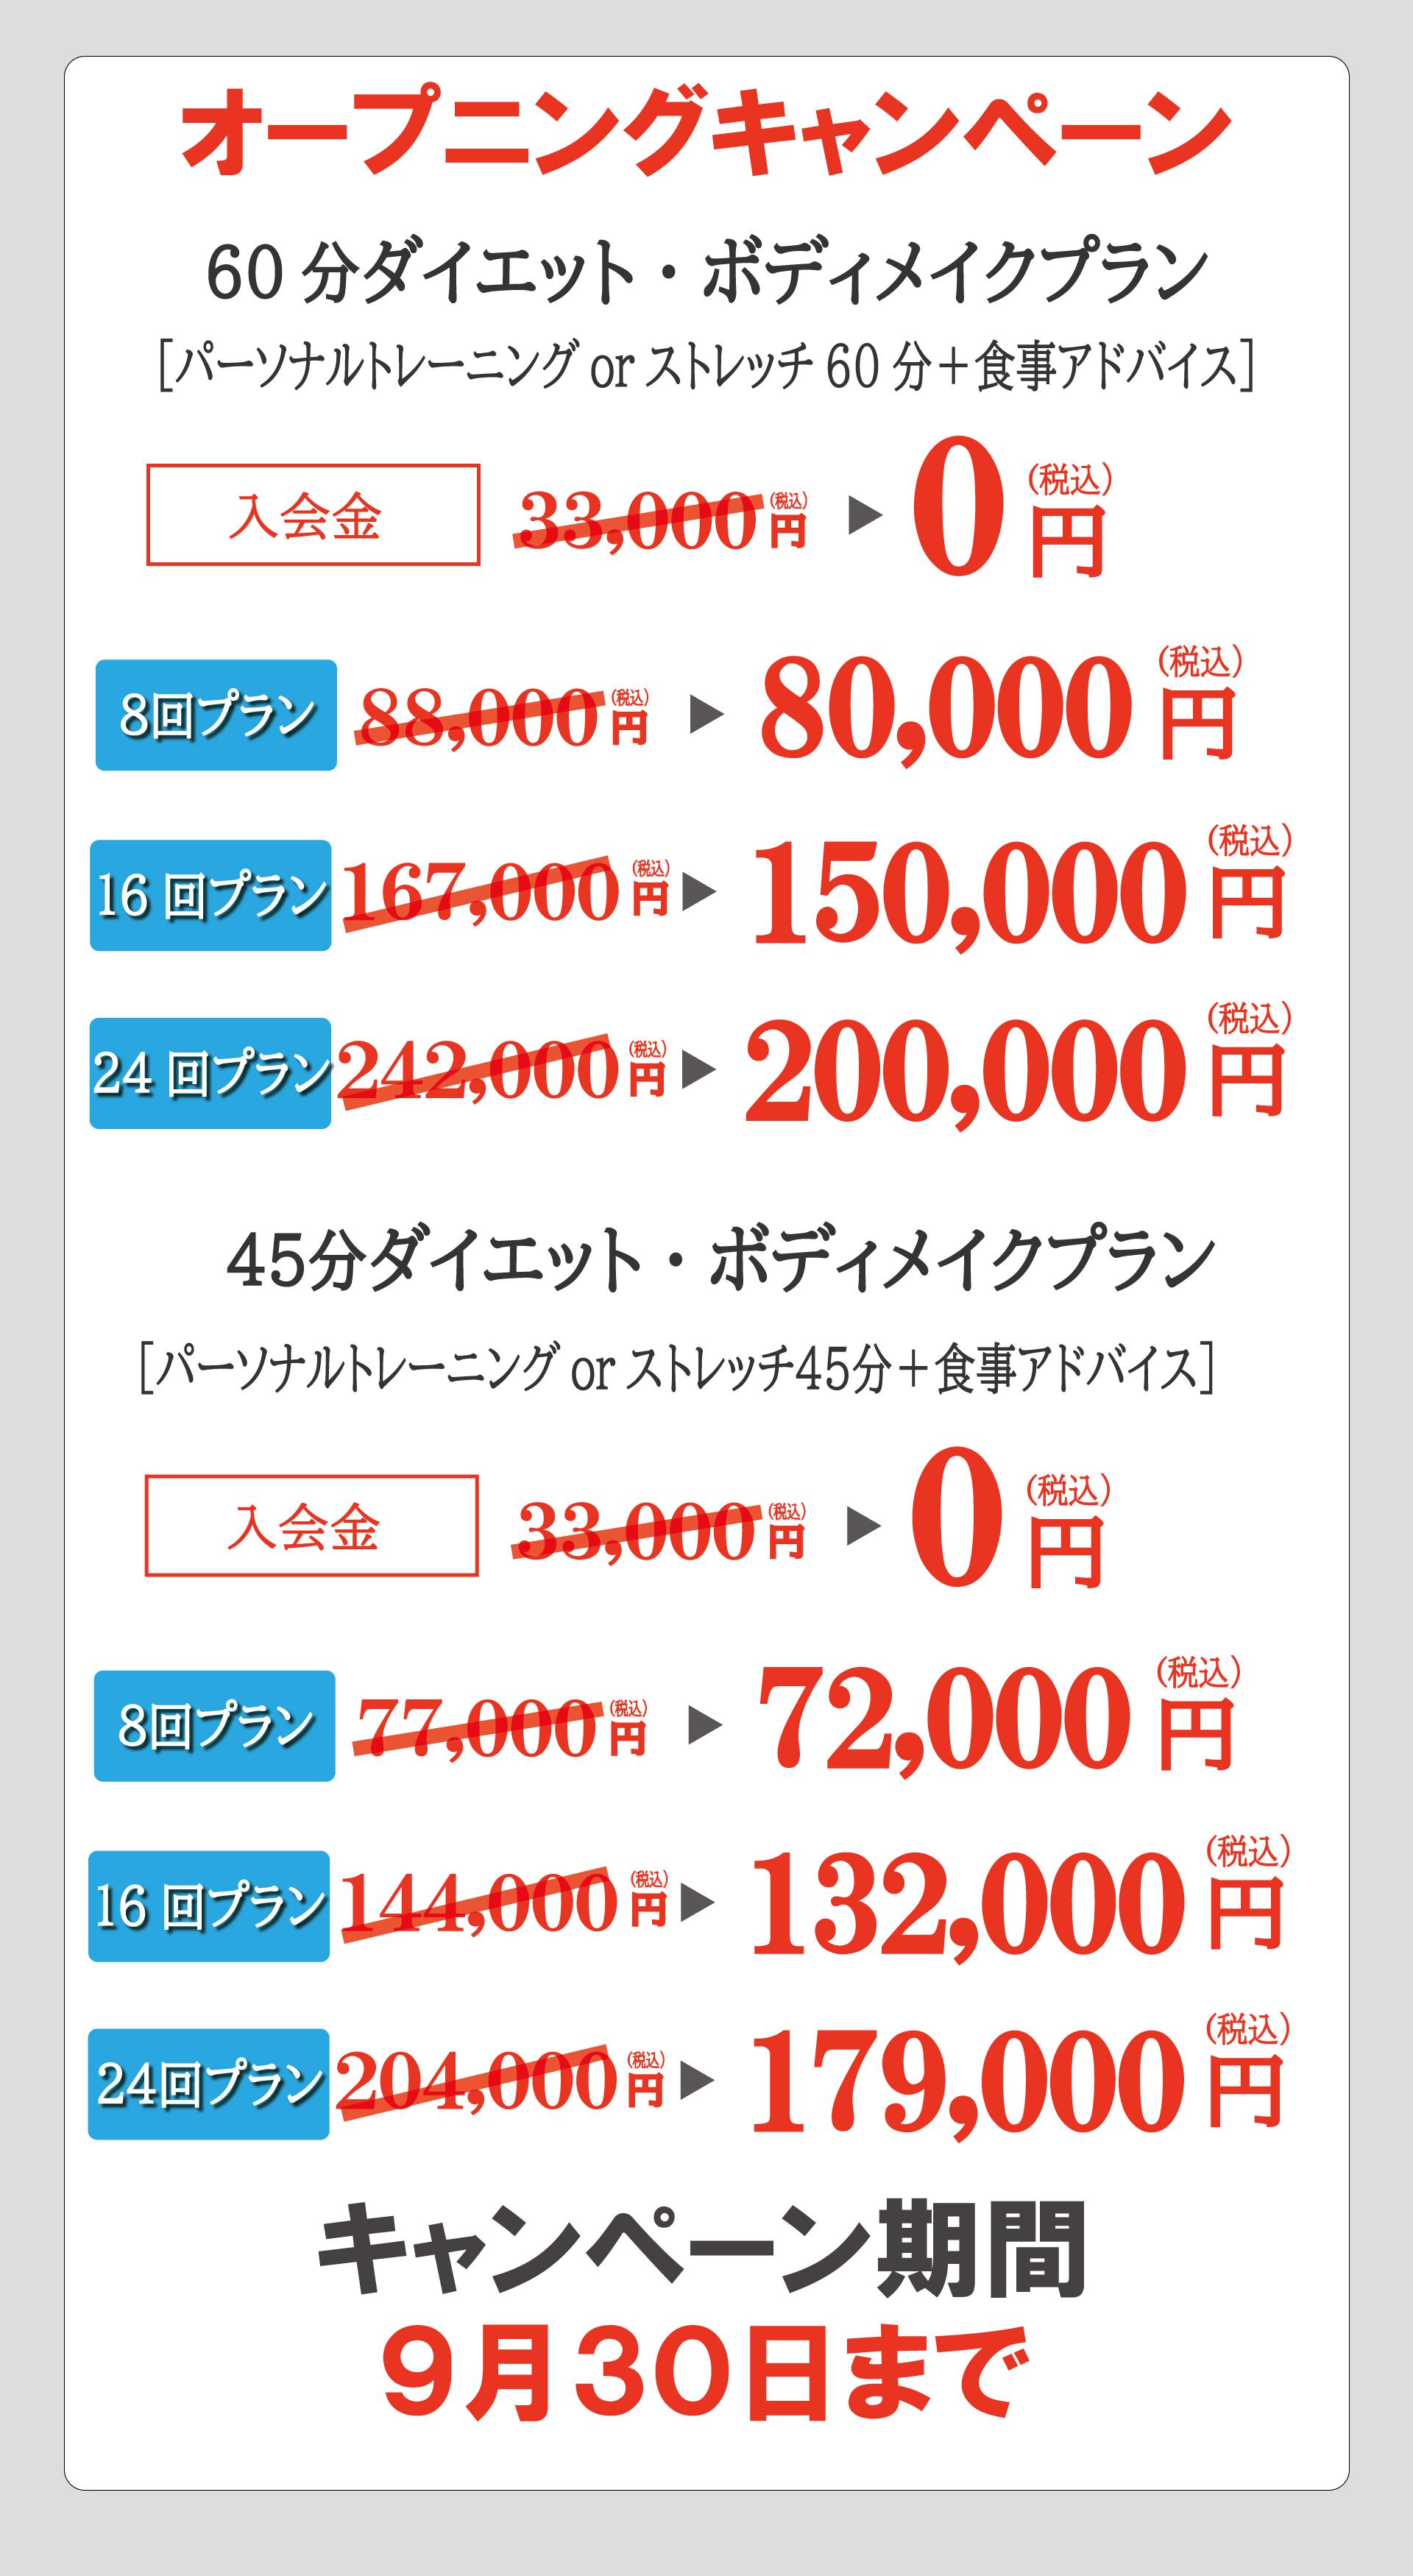 烏丸御池 オープンキャンペーン.jpg